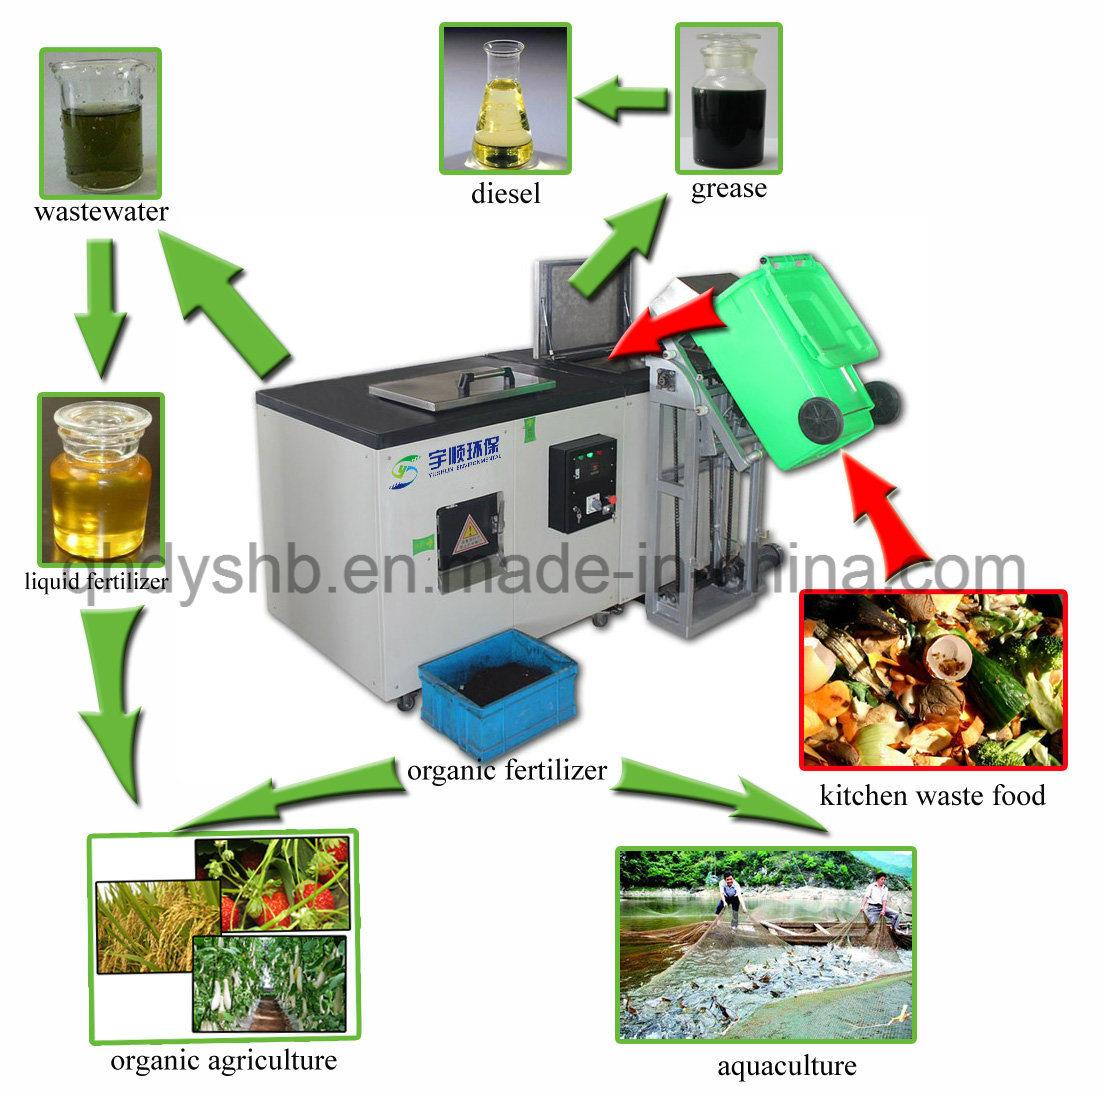 500kg/Day Capacity Kitchen Food Waste Composting Machine, Food Waste Decomposer Machine